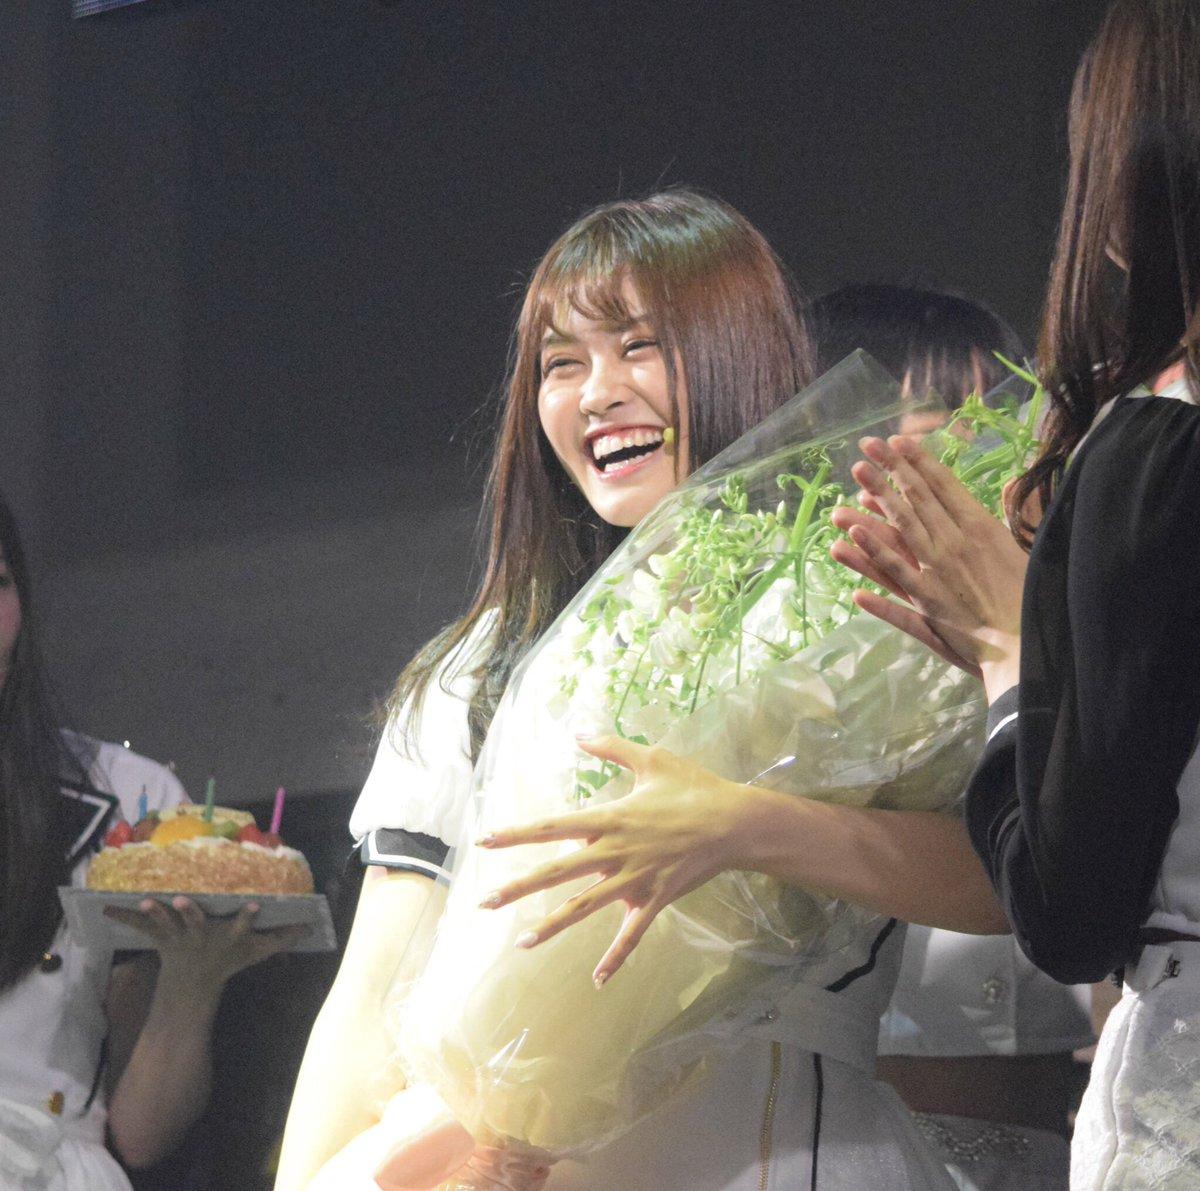 アイドル取材アカウント(@asahi_idol )にハープスター(HARP STAR.)のワンマンライブ(上水口萌乃香さん、尾崎ヒカルさんの生誕祭)の写真をいくつかアップしましたので、よろしければ見てください。庄司なぎささんの写真もあります。 #ハープスター